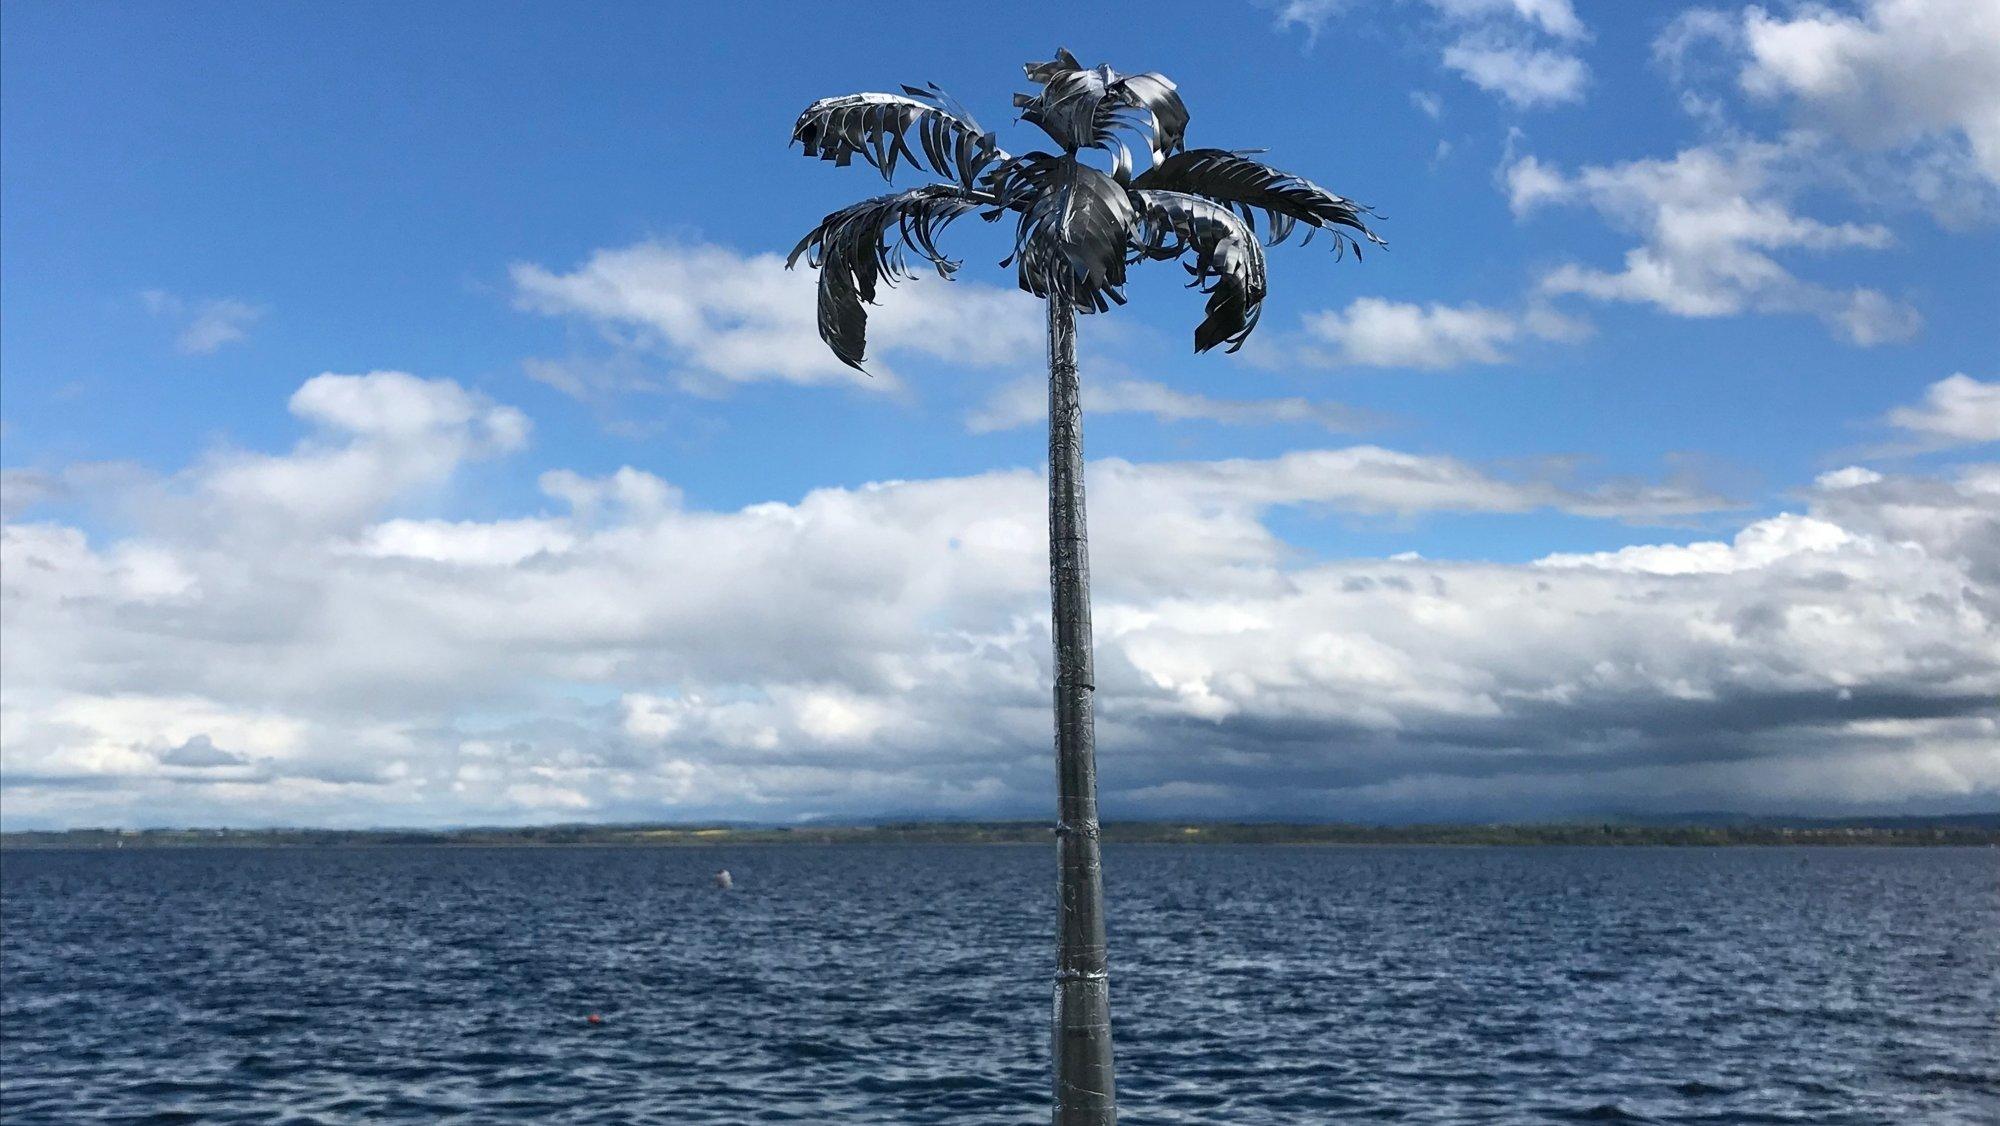 Le nouveau projet de palmier pour Gorgier tel qu'imaginé par l'artiste Christian Gonzenbach.